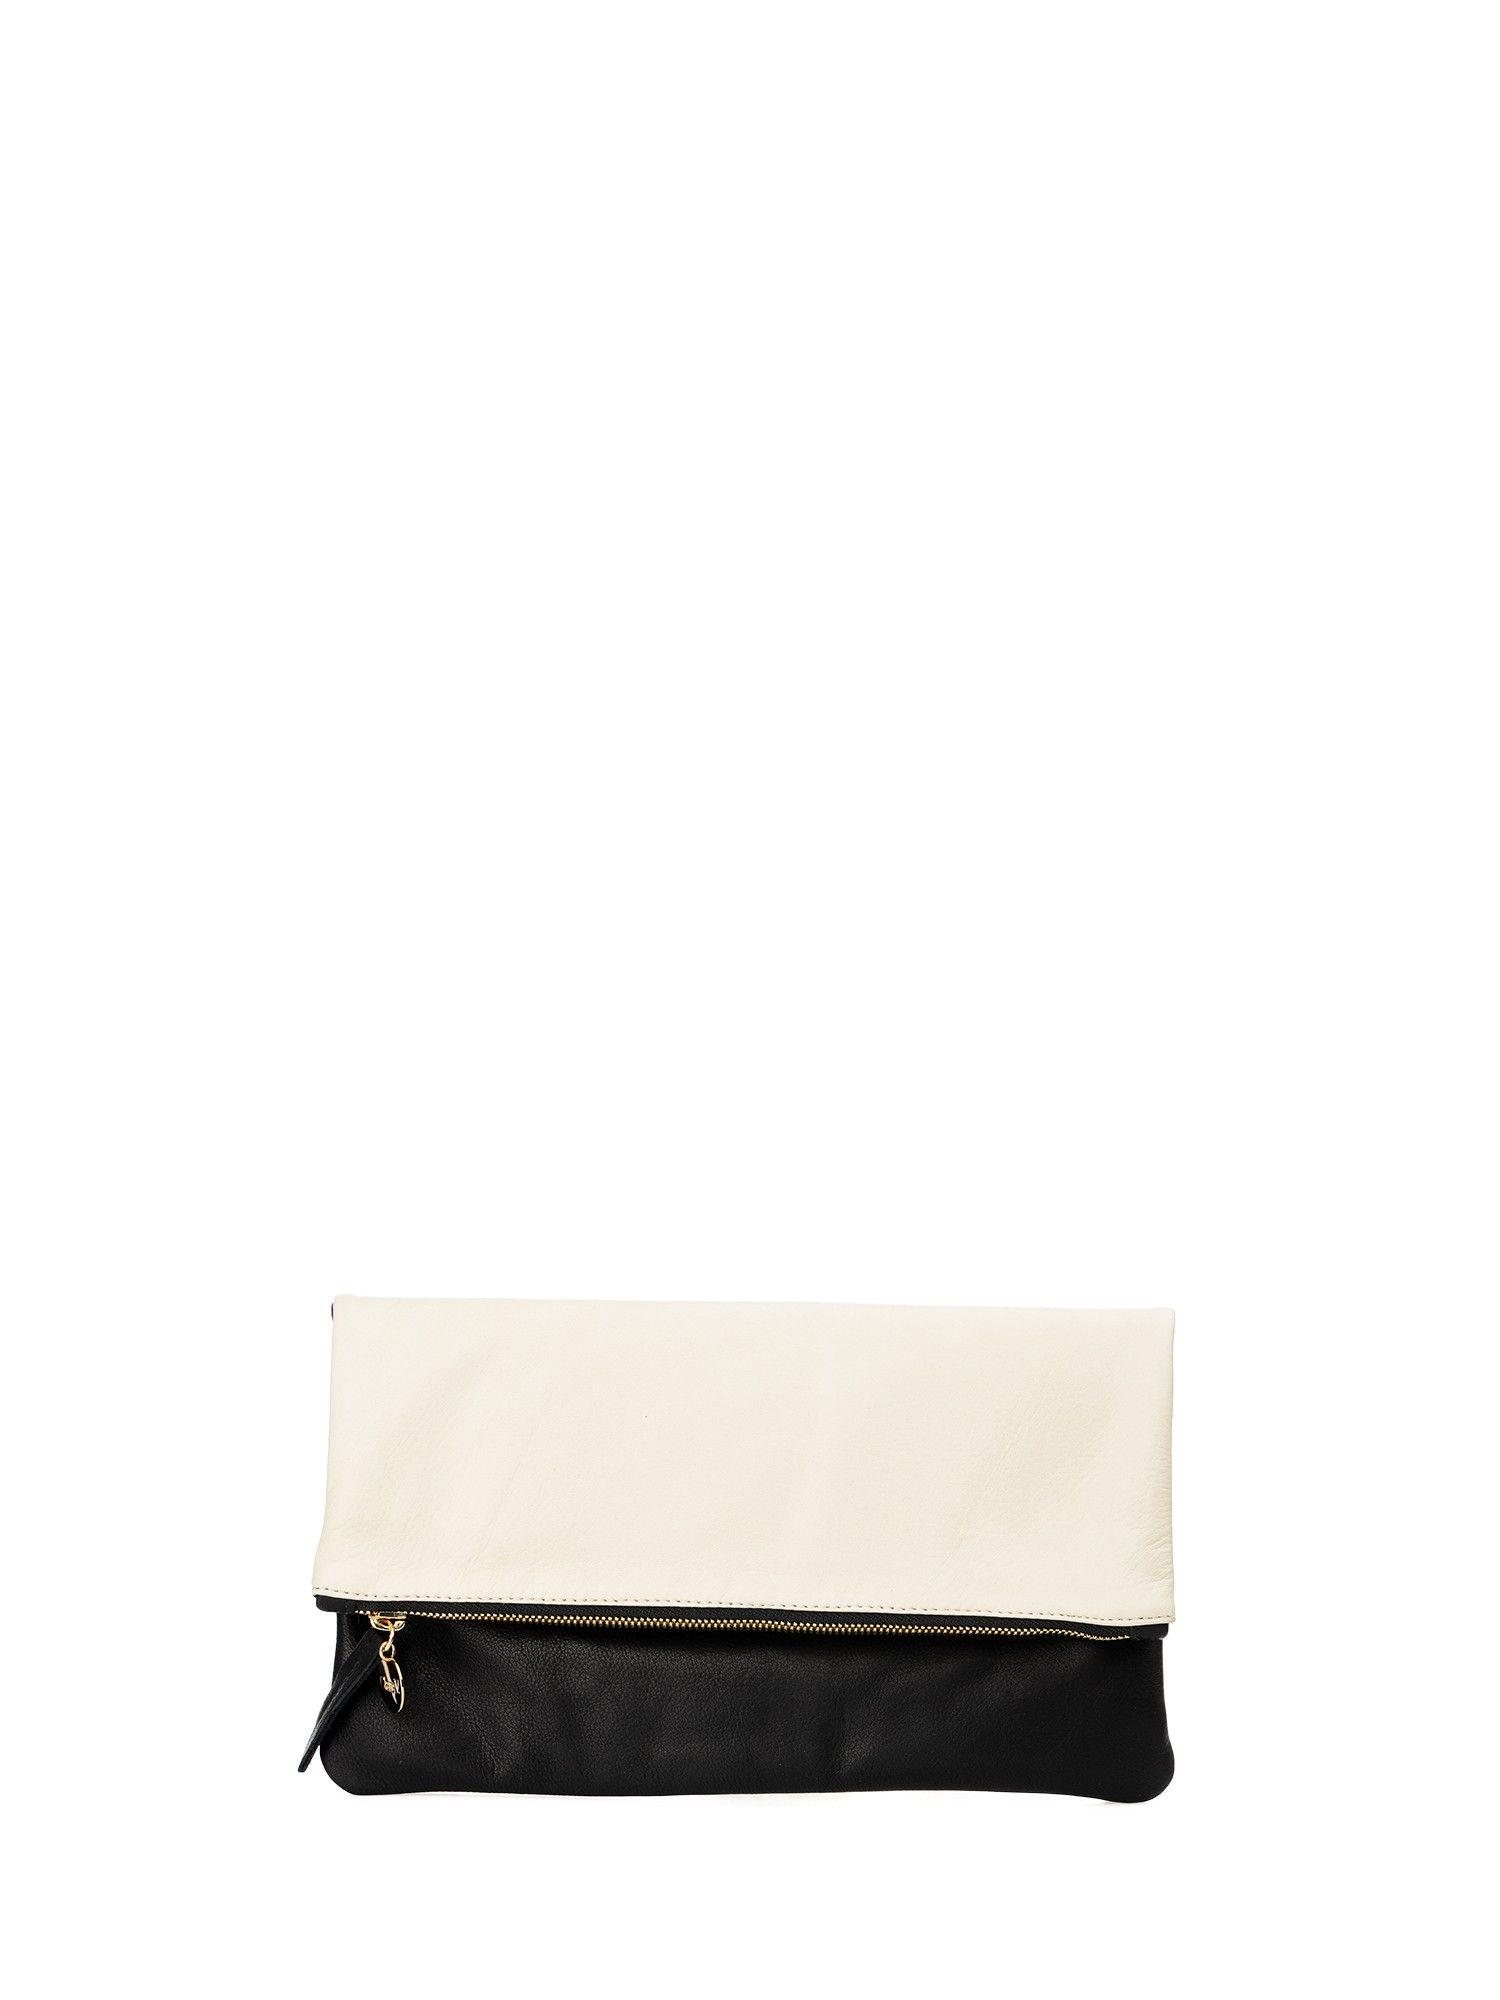 CLARE V. Foldover_2 Tone Cream Milano & Black New Fashion